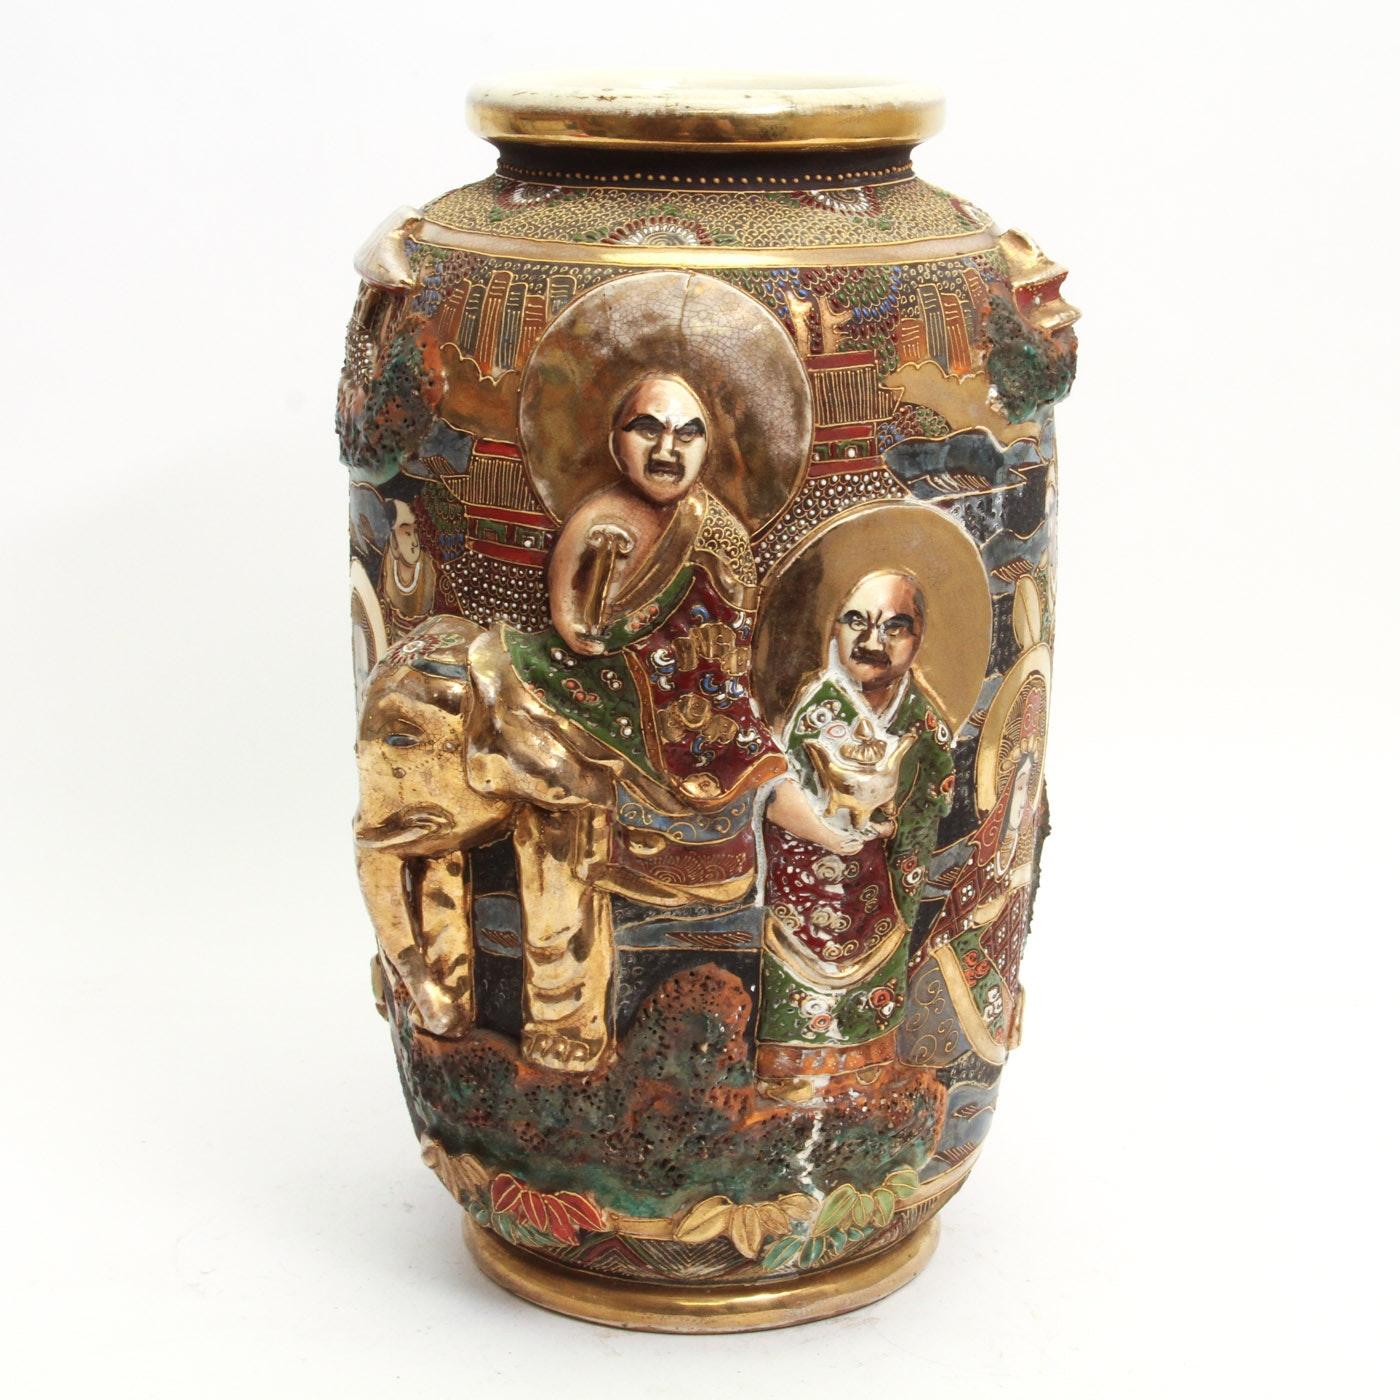 Japanese Late Meiji Period Satsuma Style Vase